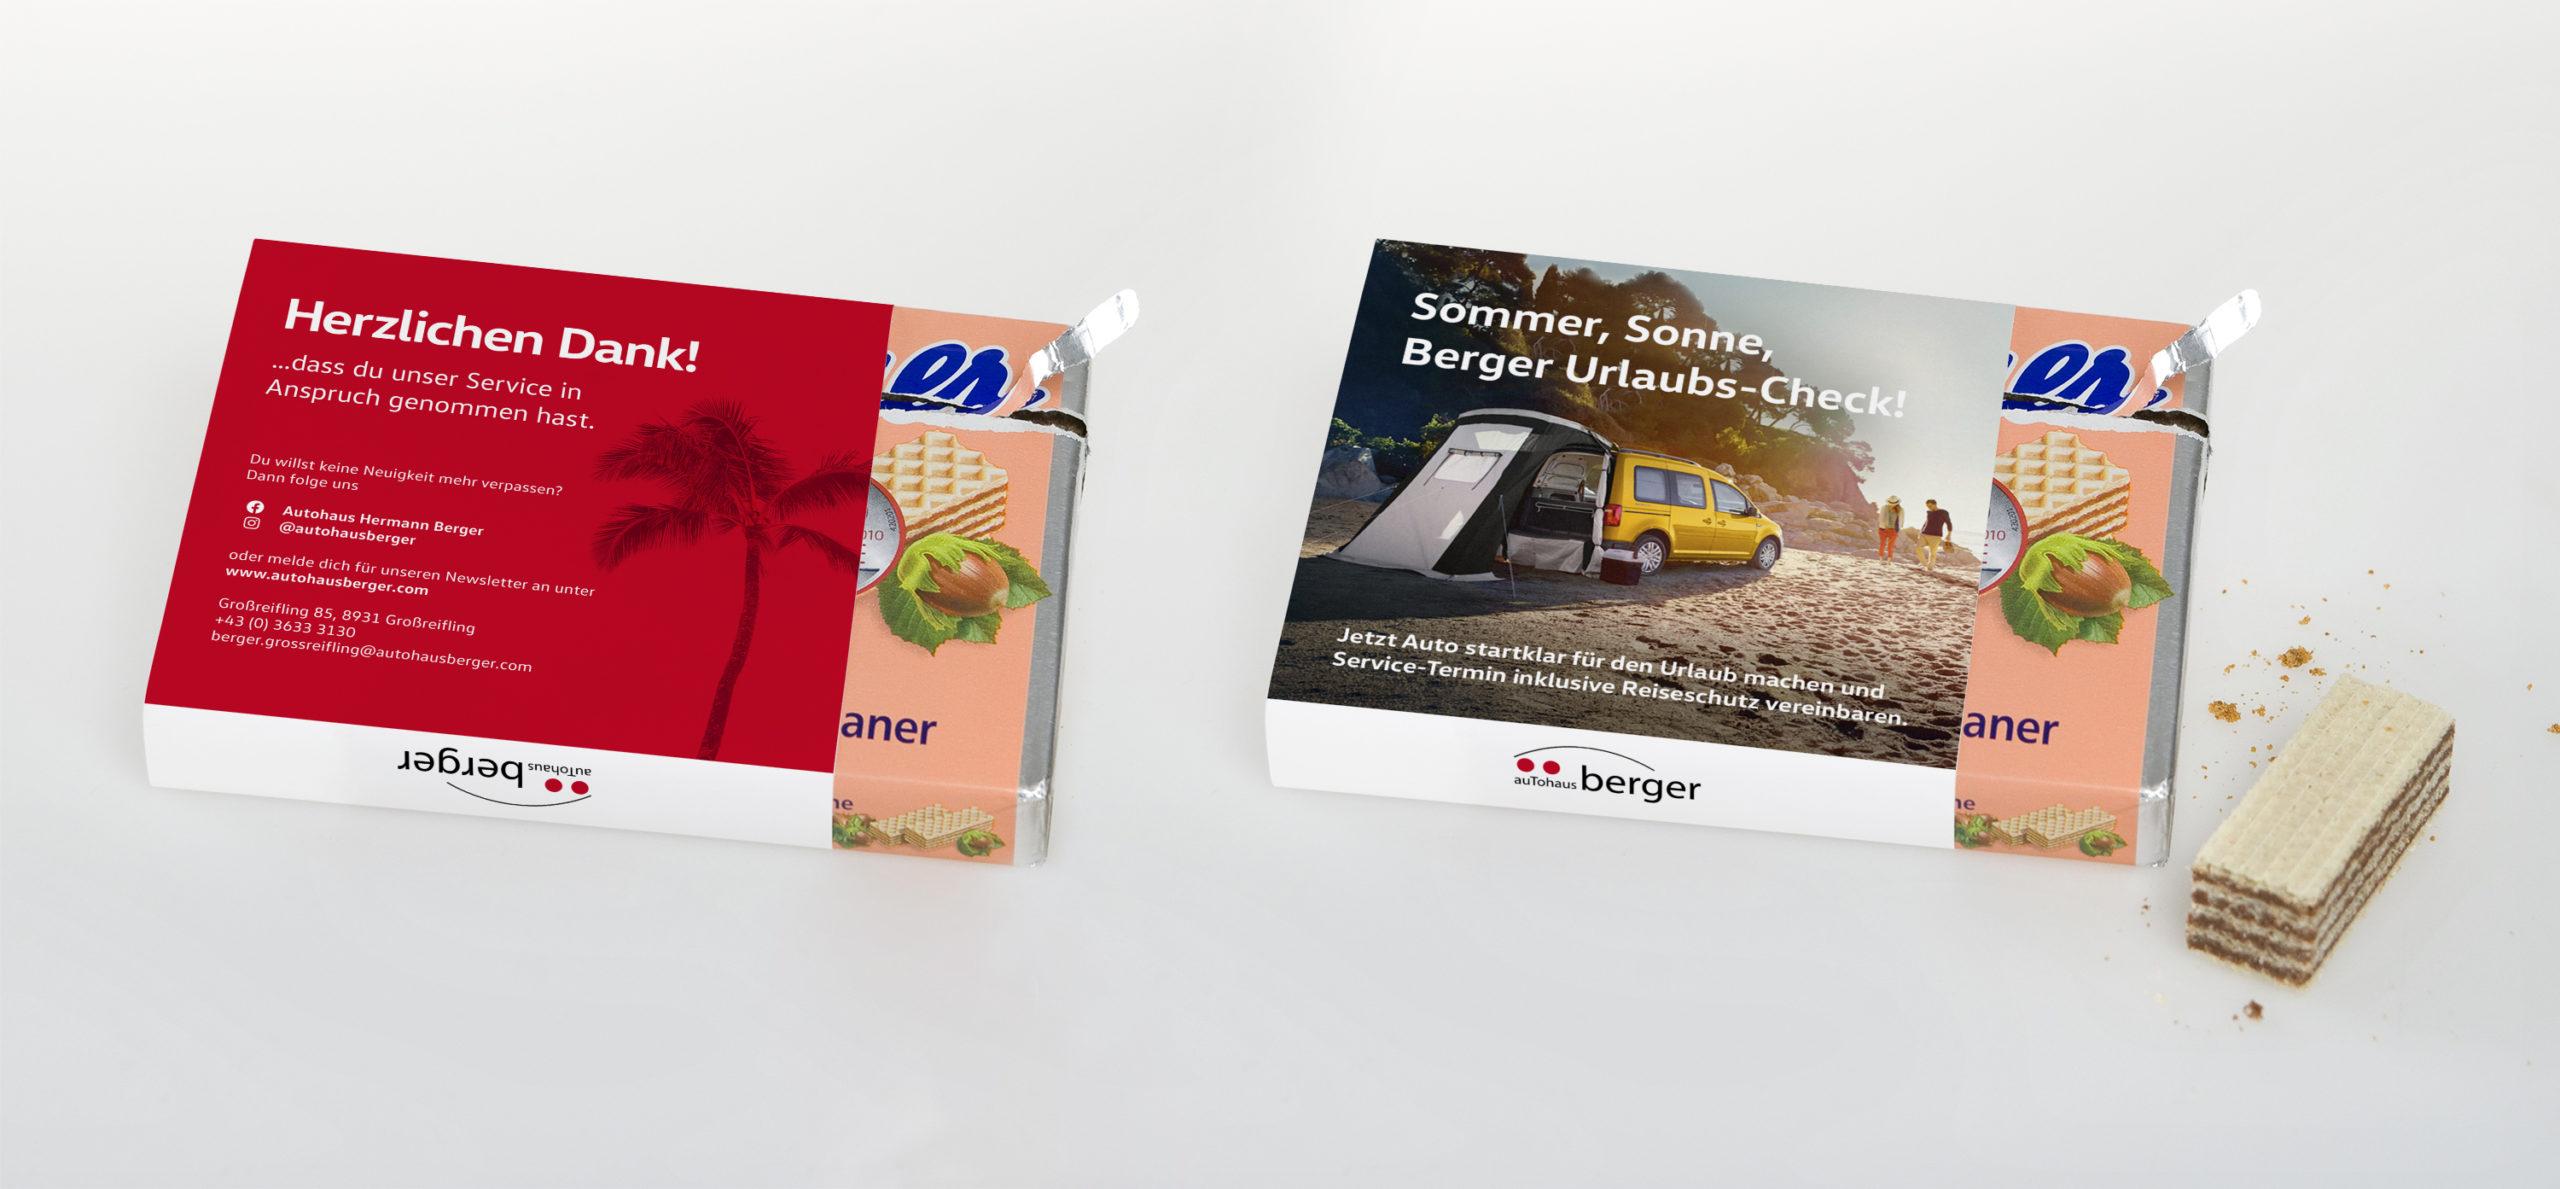 Mockup der Autohaus Berger Mannerschnitten Banderole zum Urlaubs-Check fürs Auto.